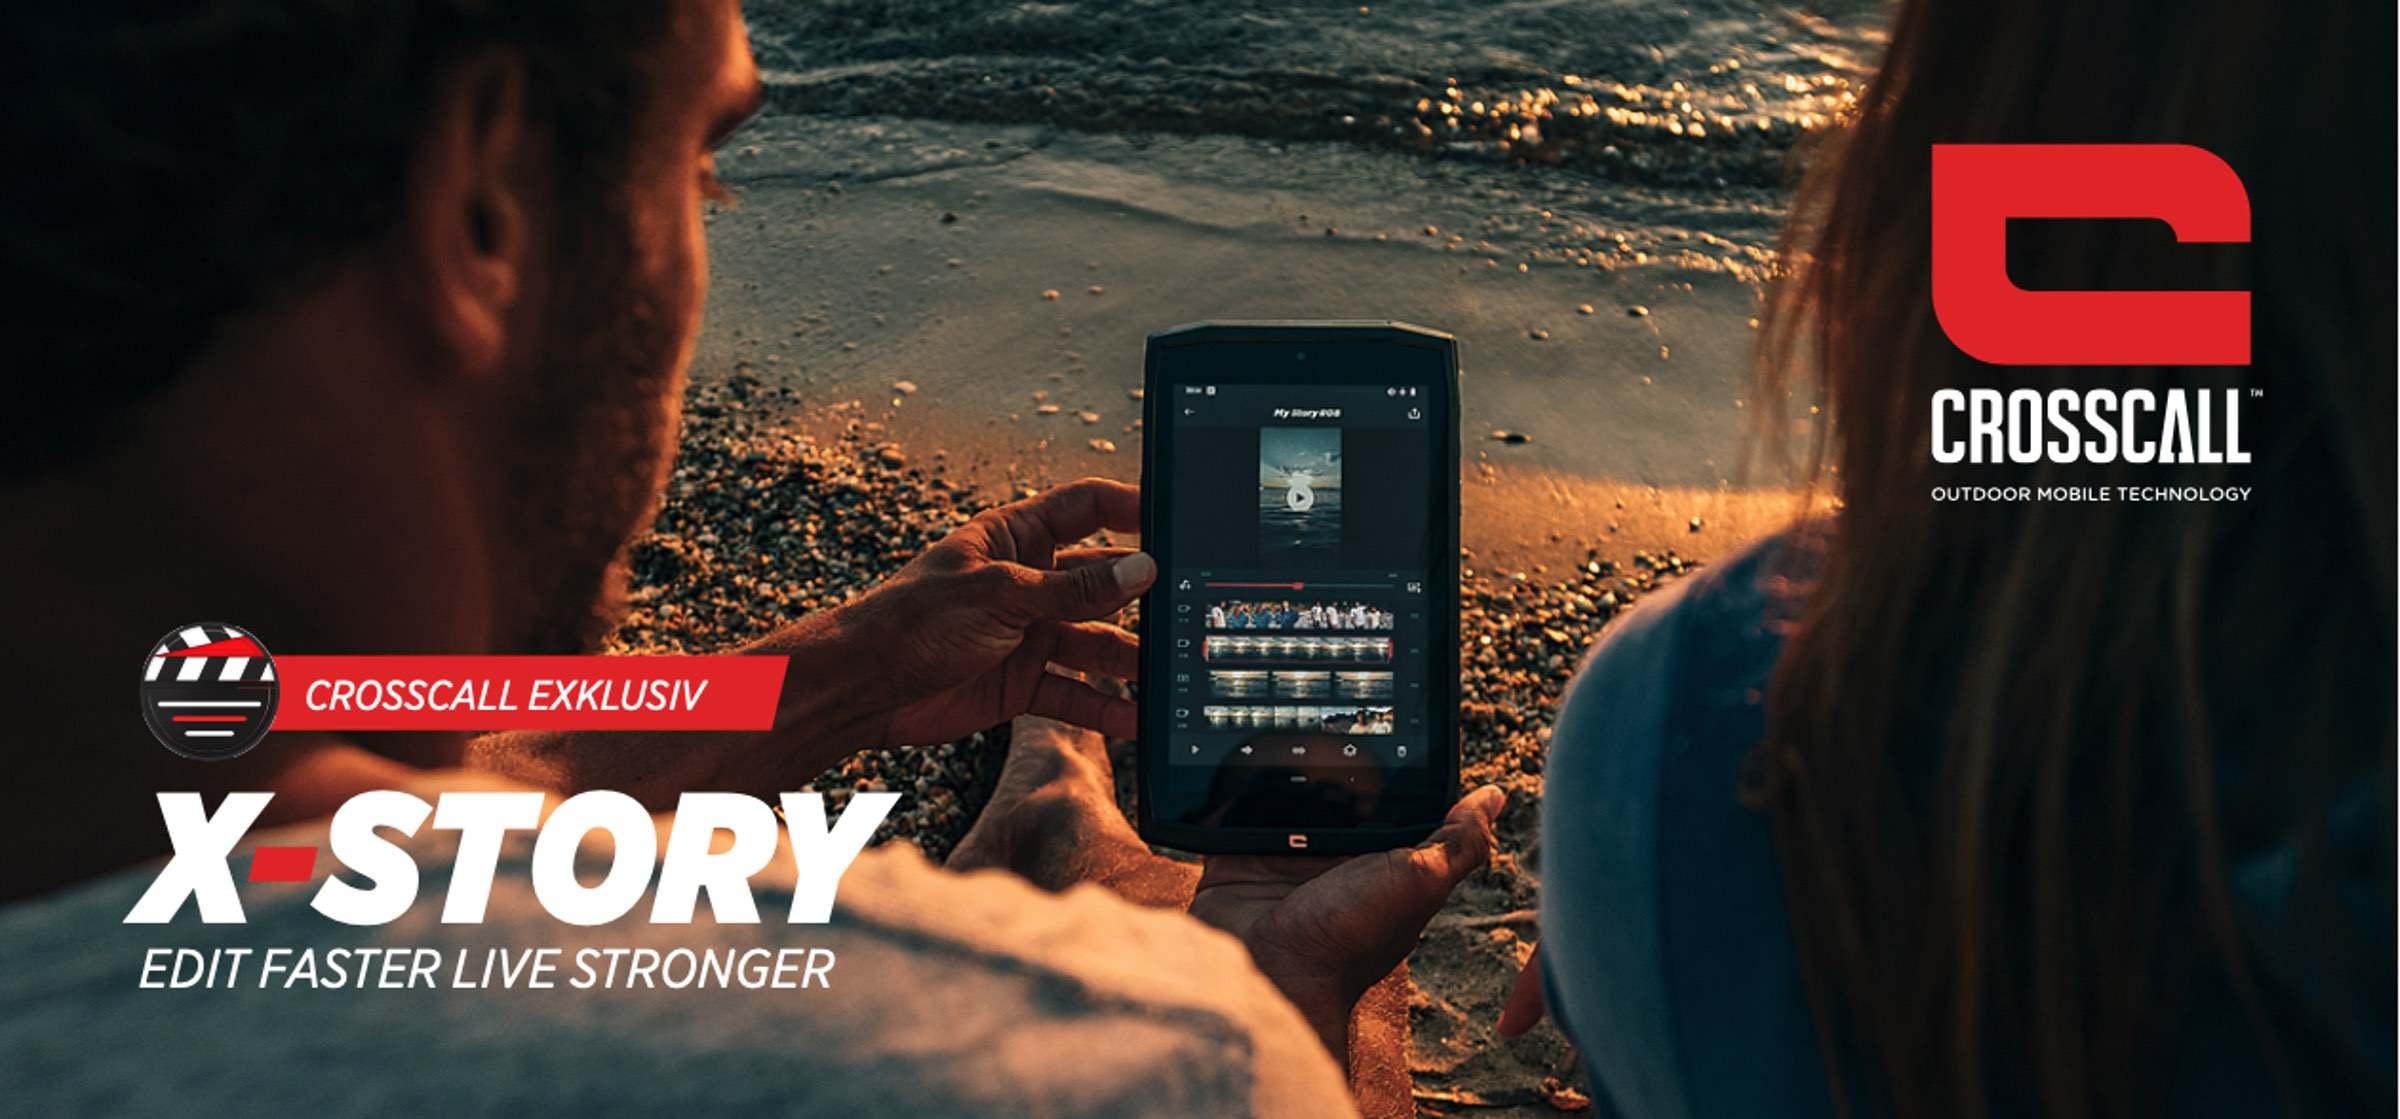 X-Story – Crosscall bringt eigene Videobearbeitung App